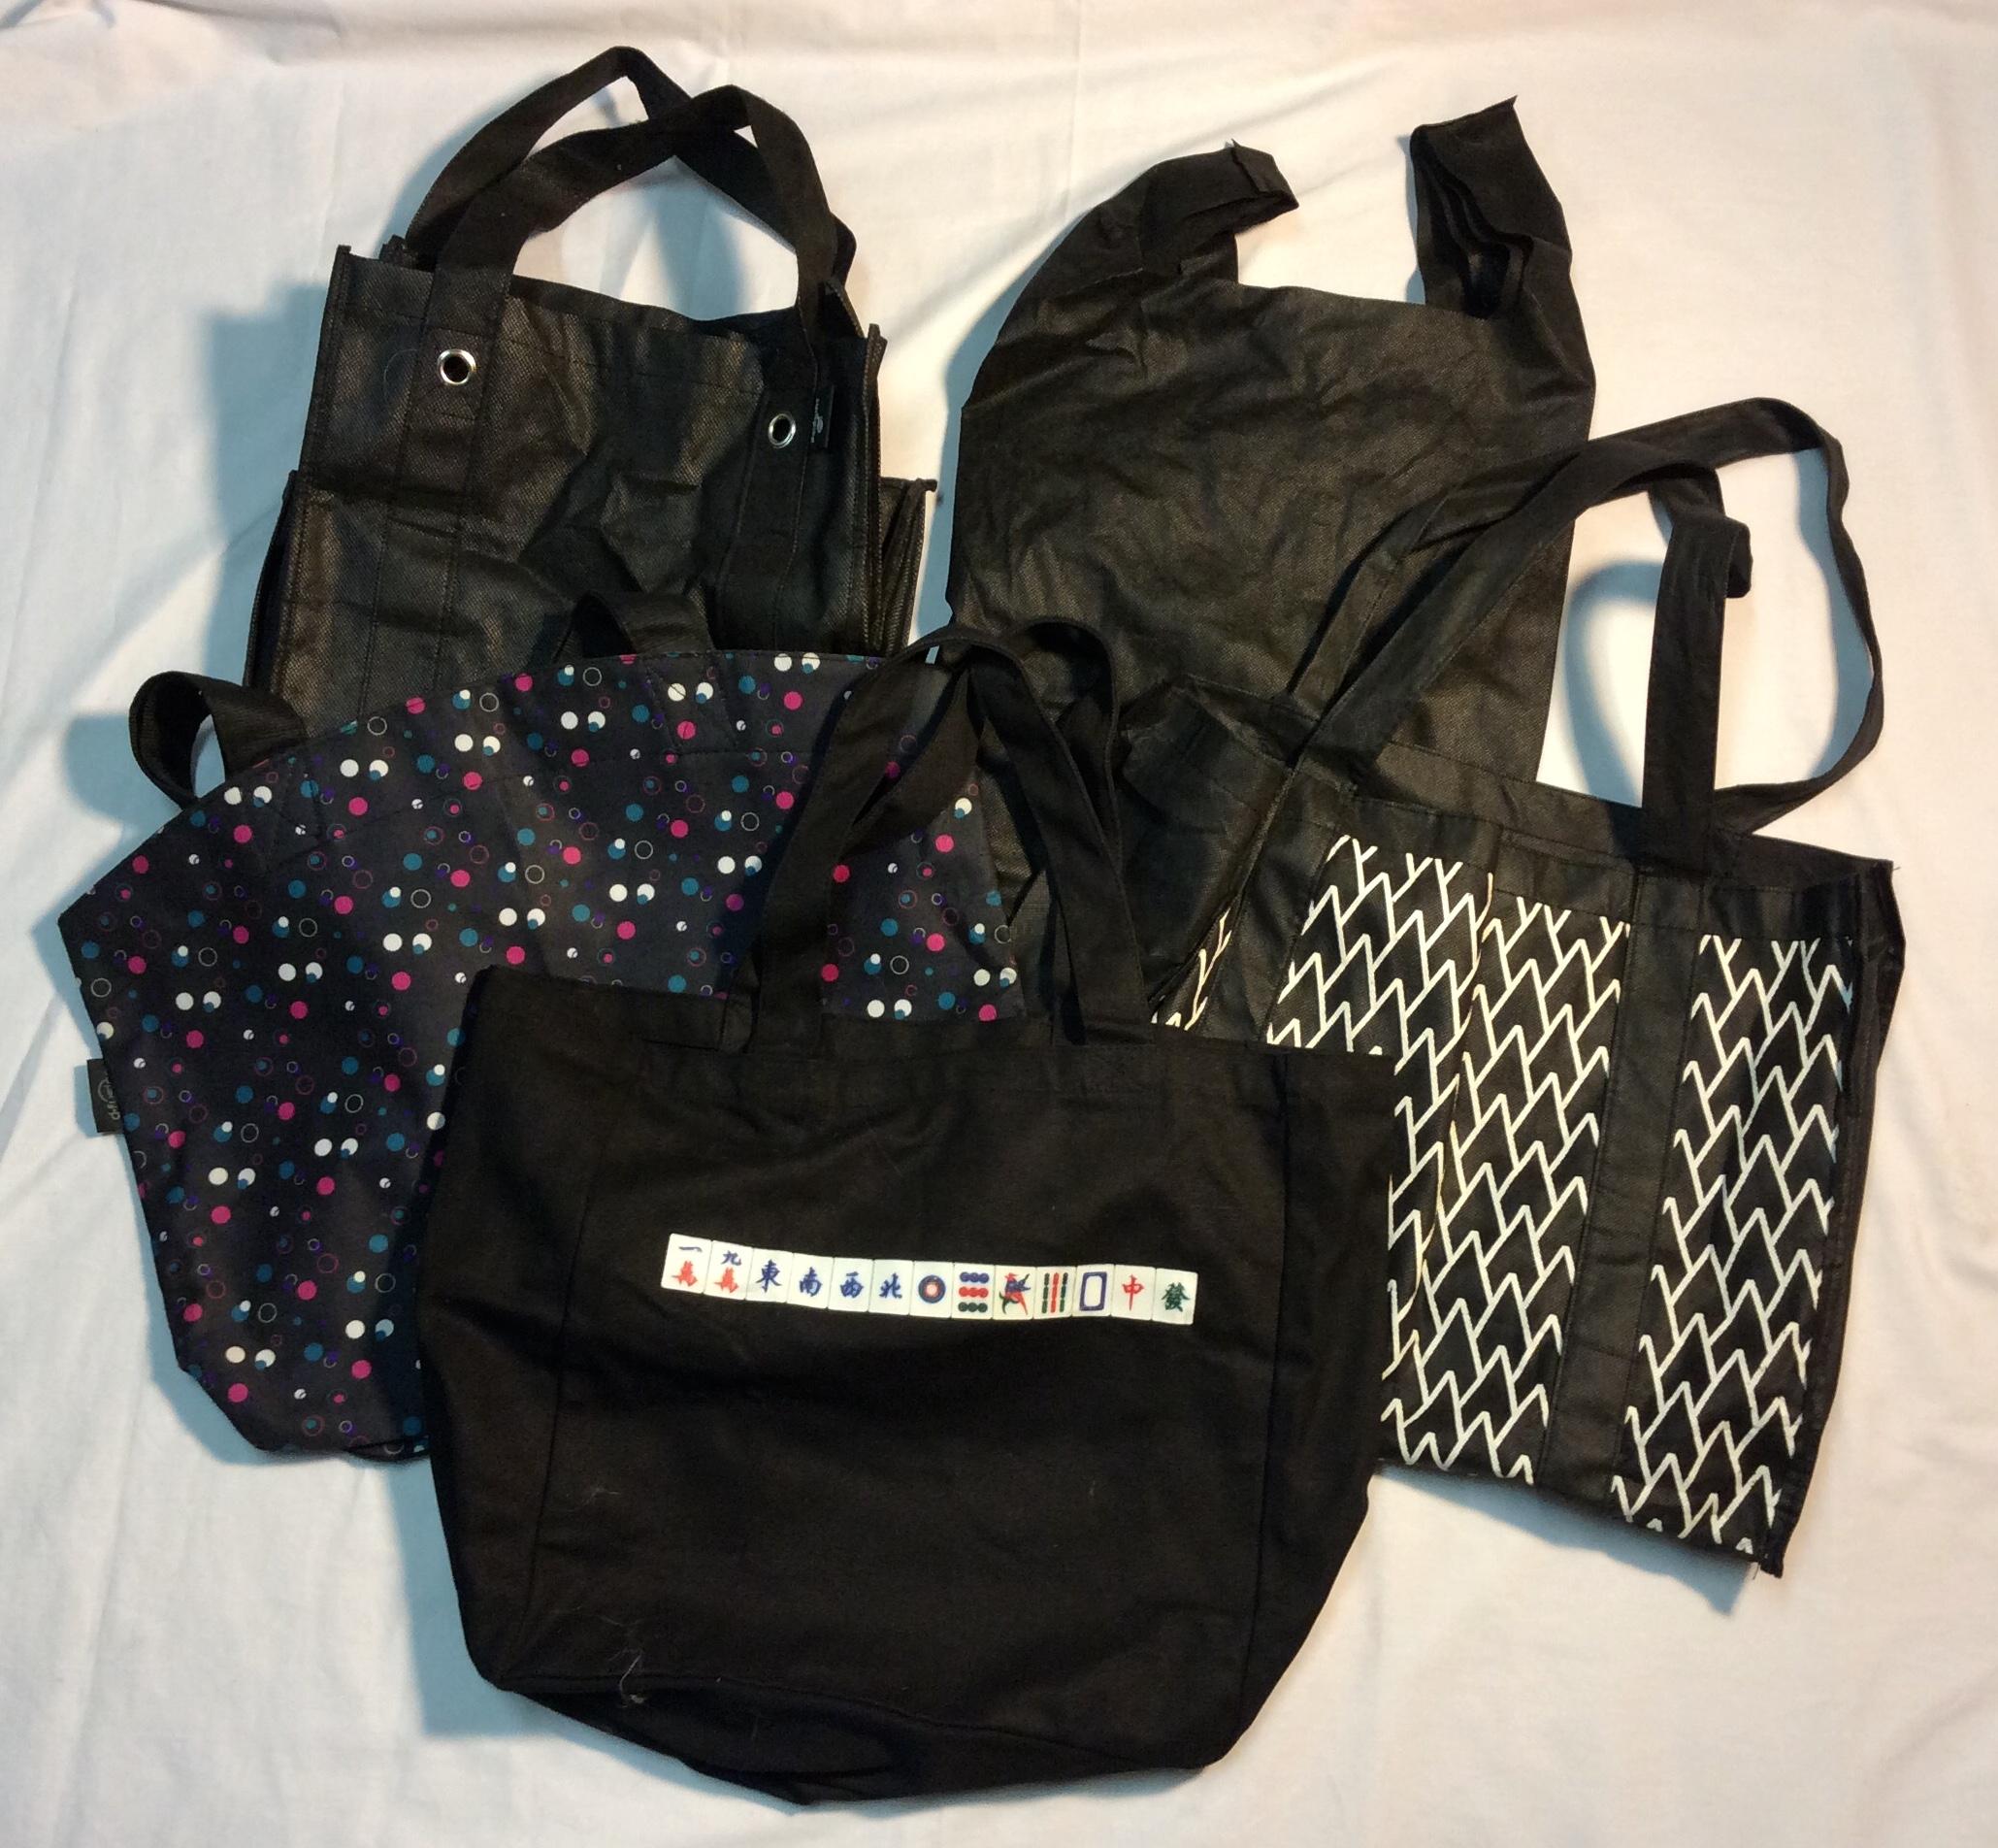 Variety of black tote bags